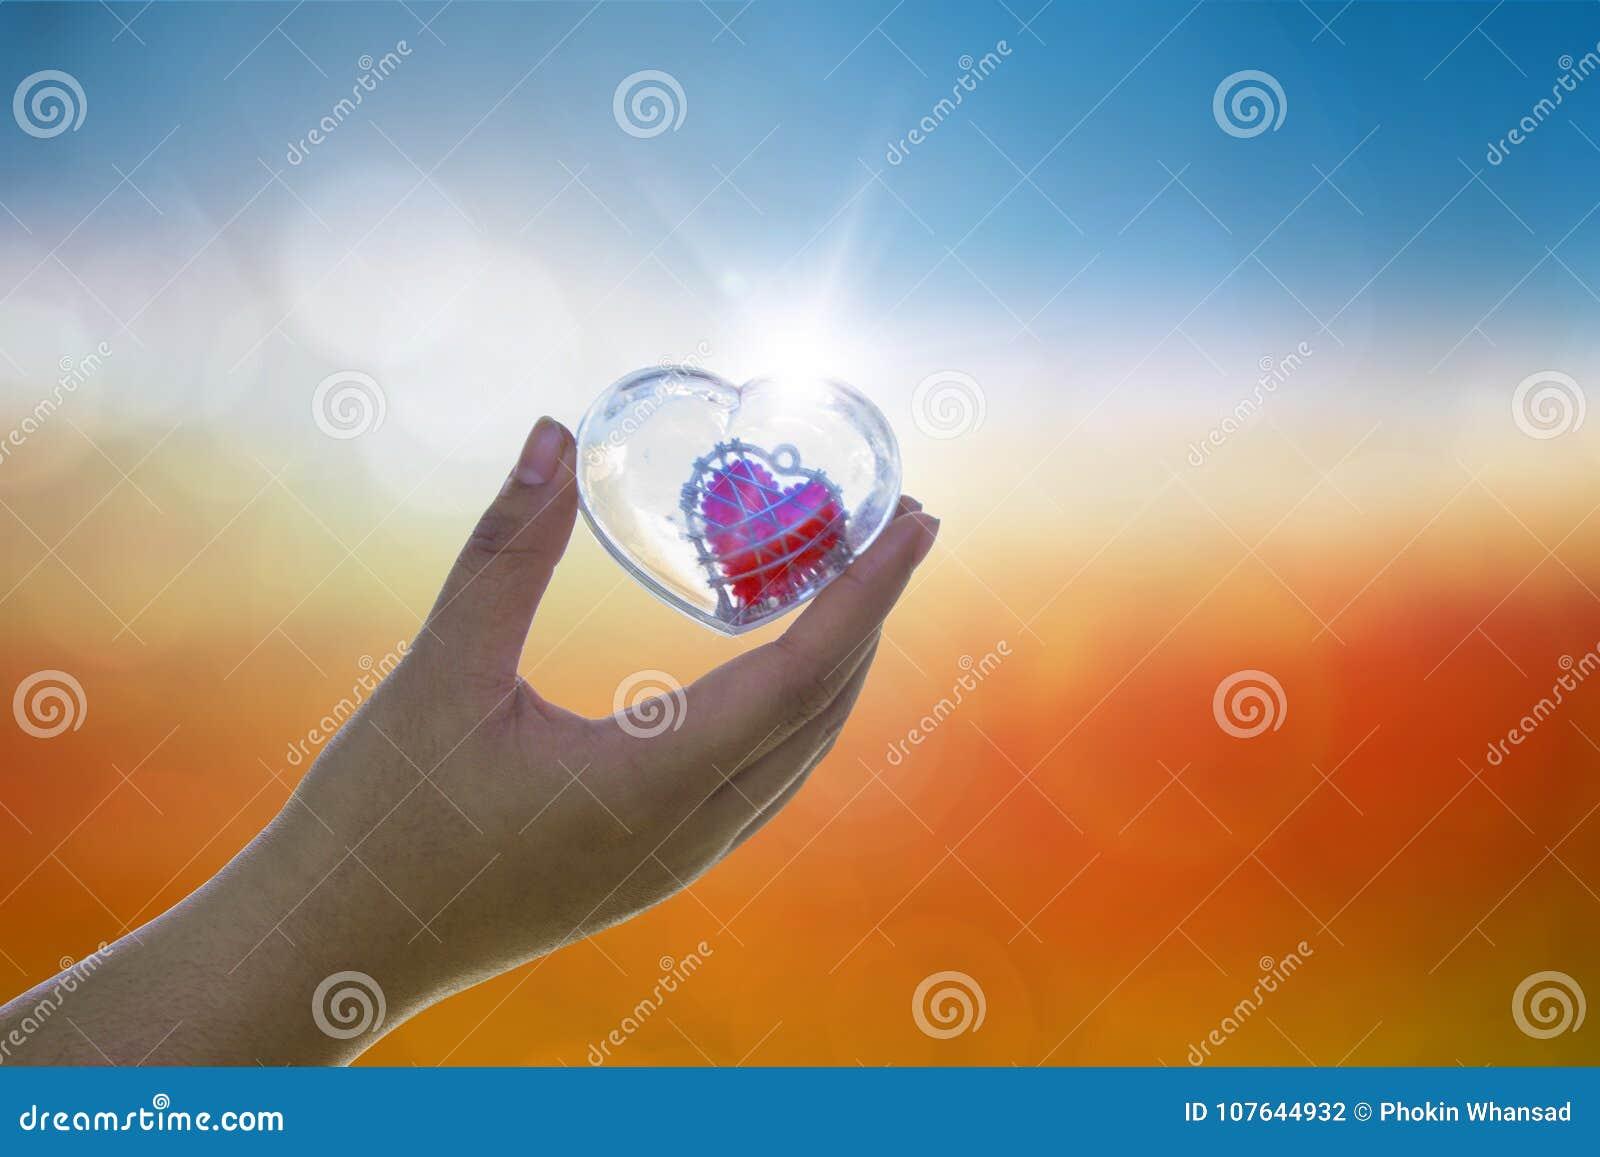 Übergeben Sie archiviert Liebesliebhaber oder gibt Valentinsgrüßen Geschenk unter warmem Li